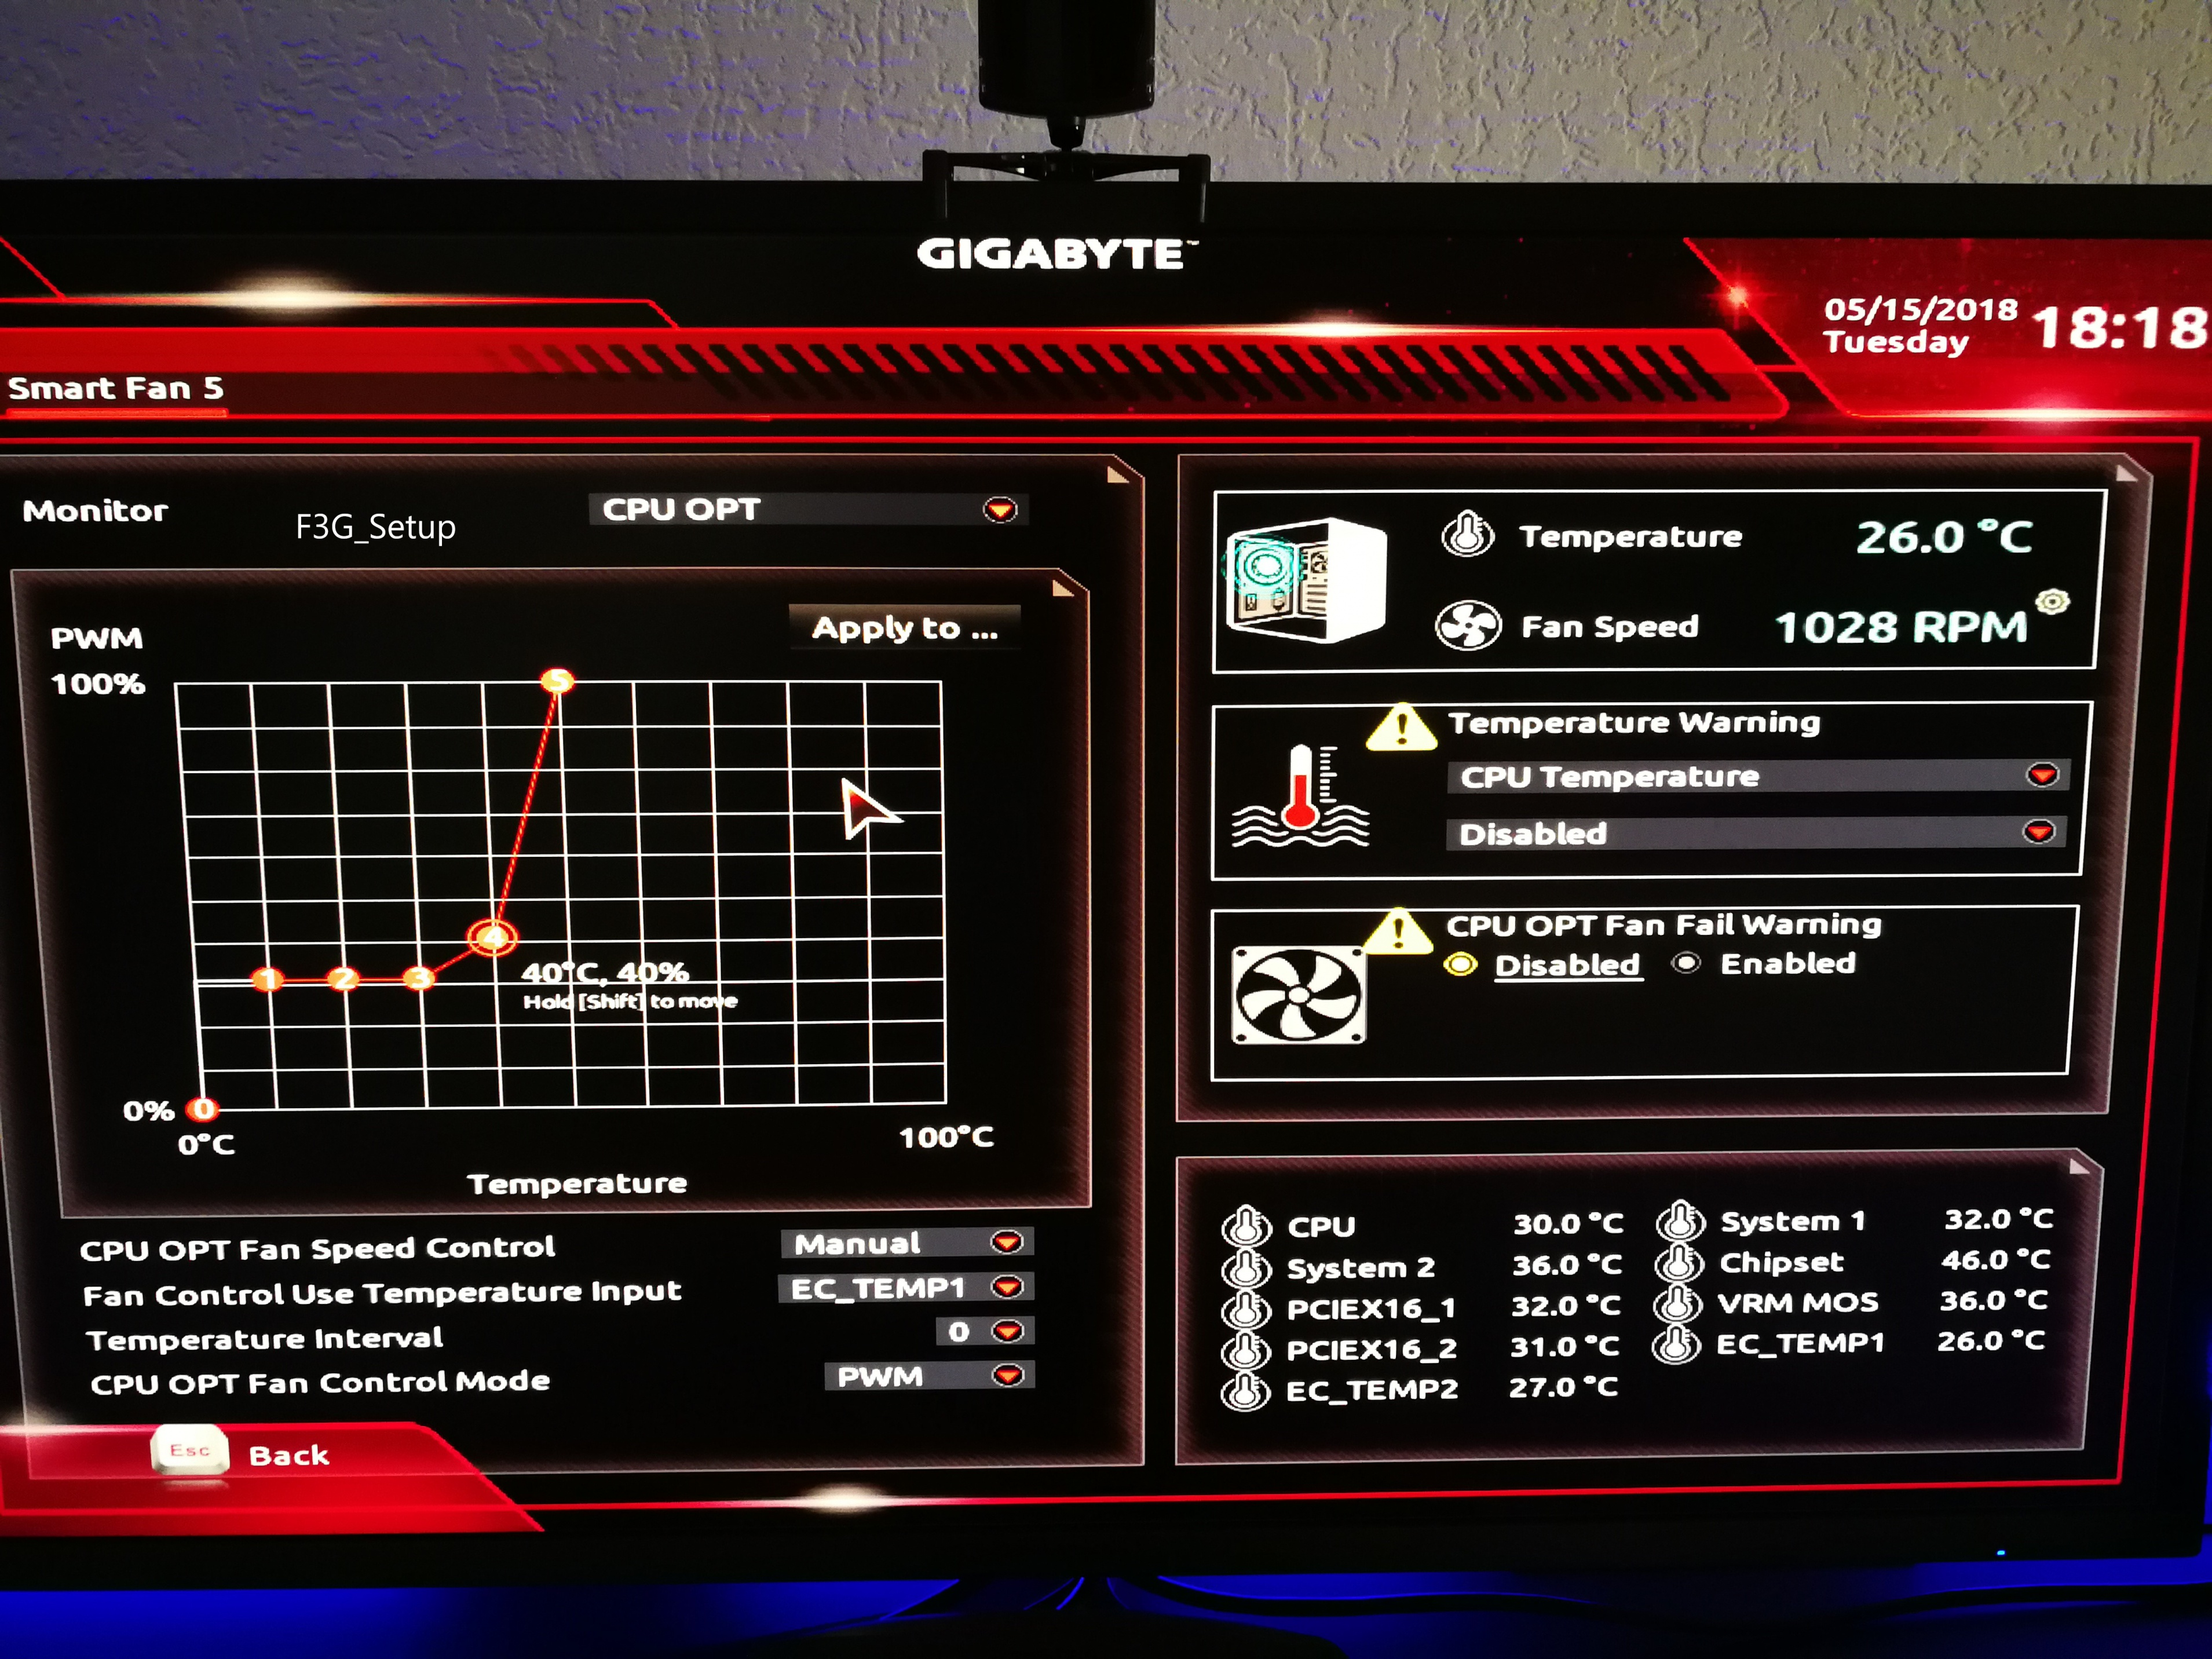 Klicken Sie auf die Grafik für eine größere Ansicht  Name:F3G Setup.jpg Hits:25 Größe:2,32 MB ID:997410